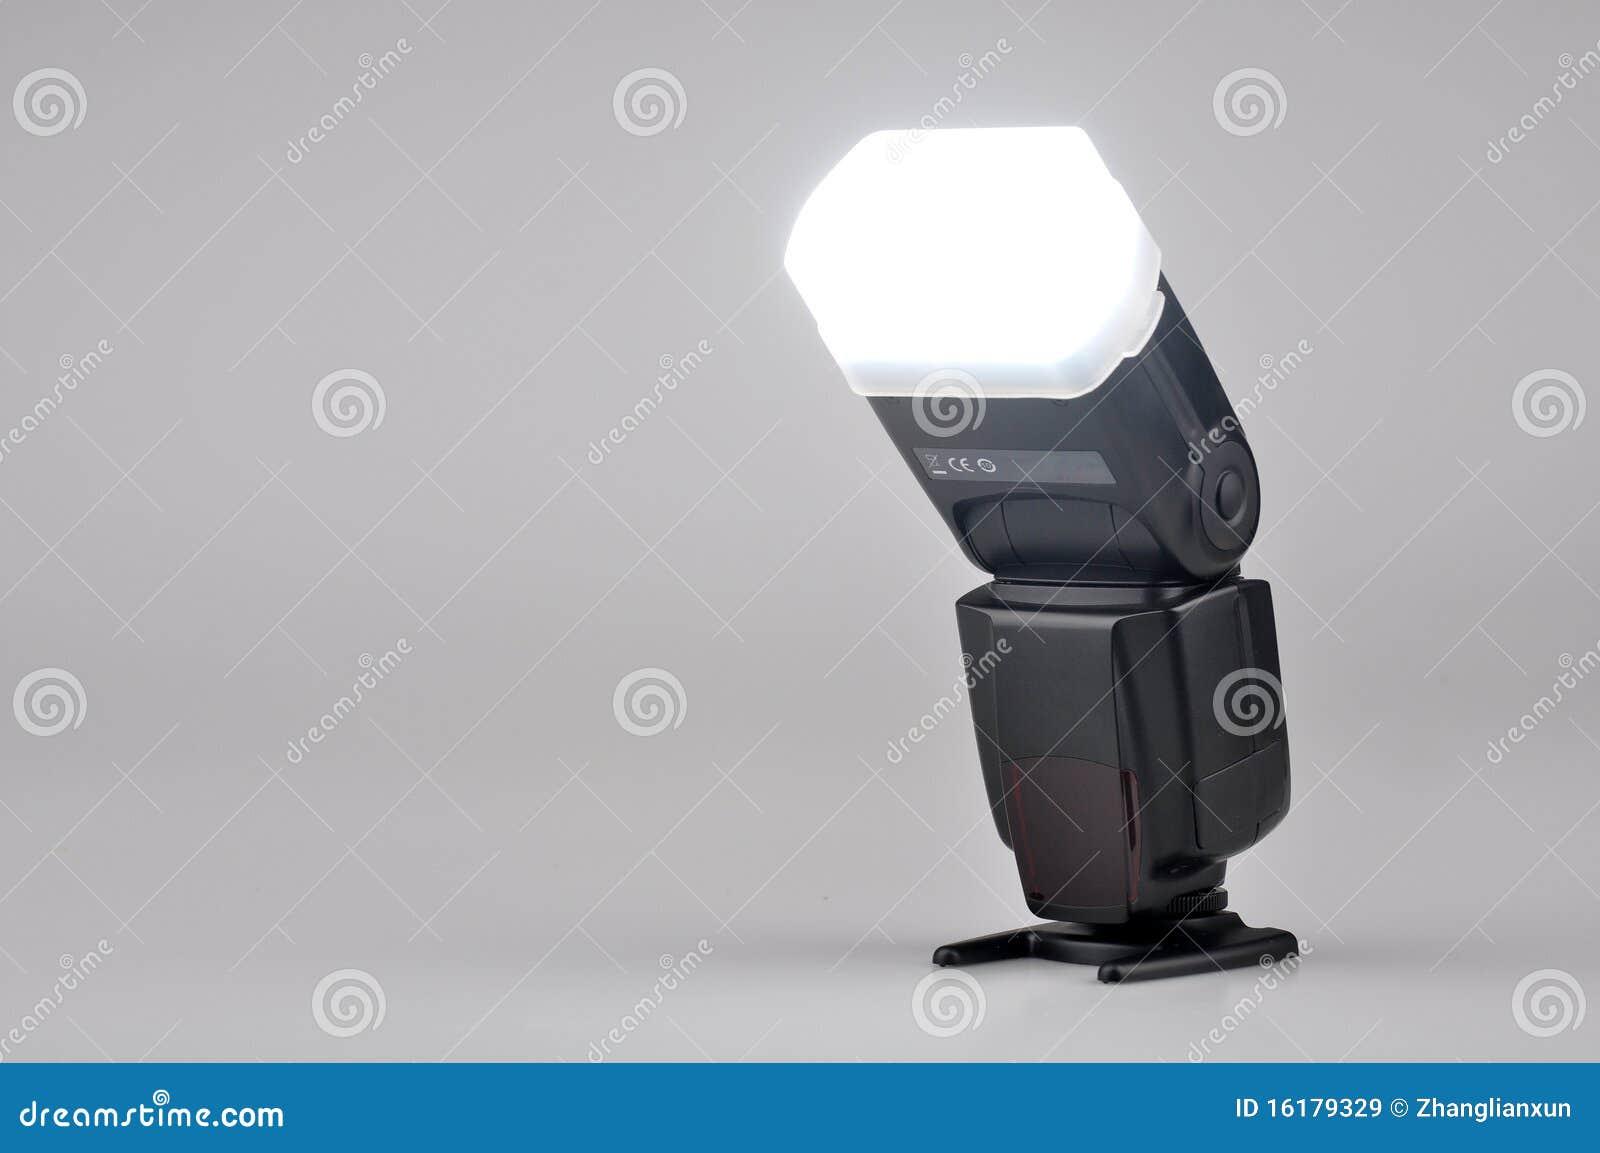 Speedlight